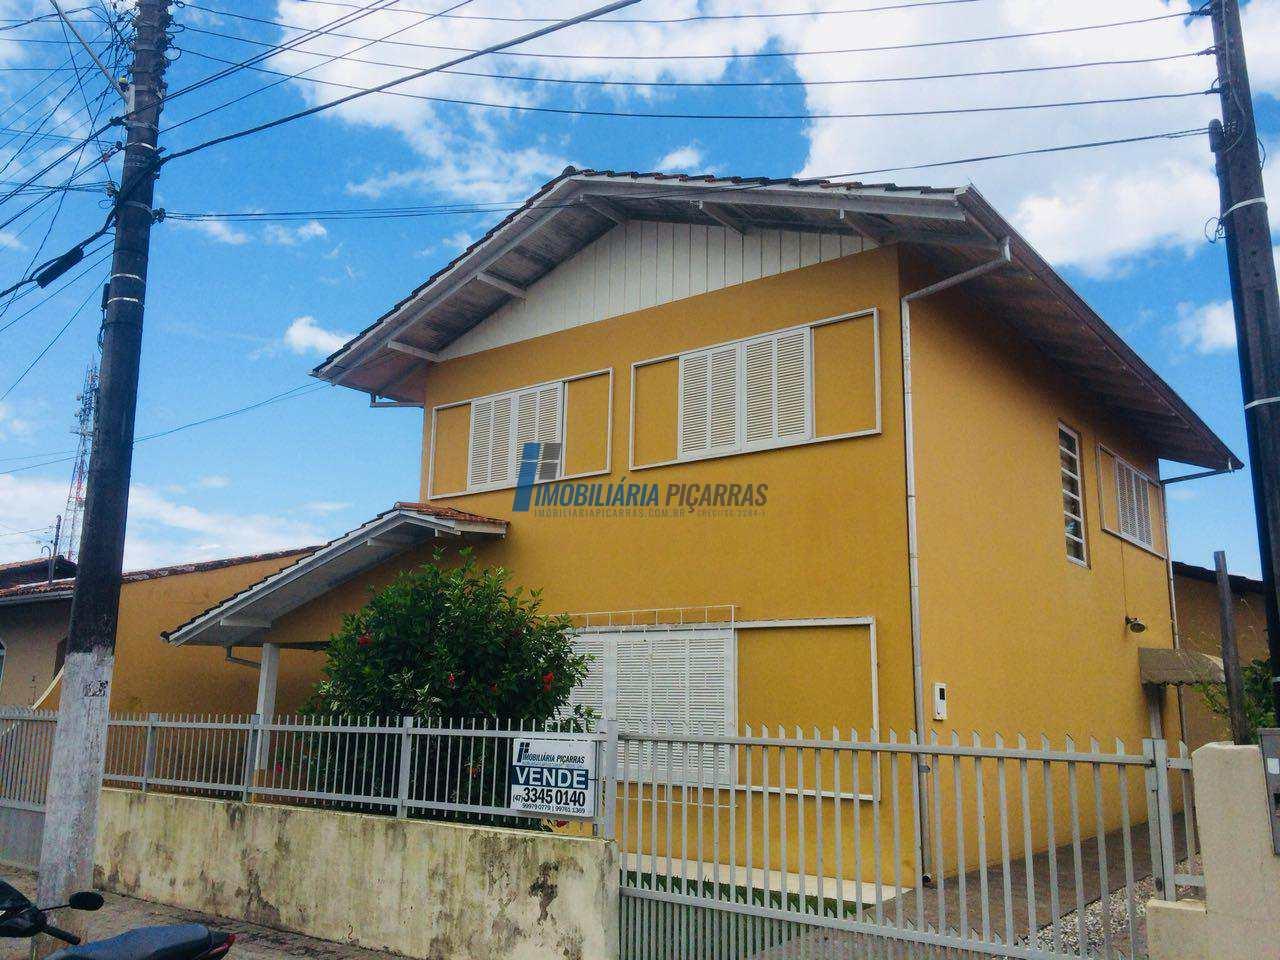 Sobrado com 4 dorms, Centro, Balneário Piçarras - R$ 480 mil, Cod: 15